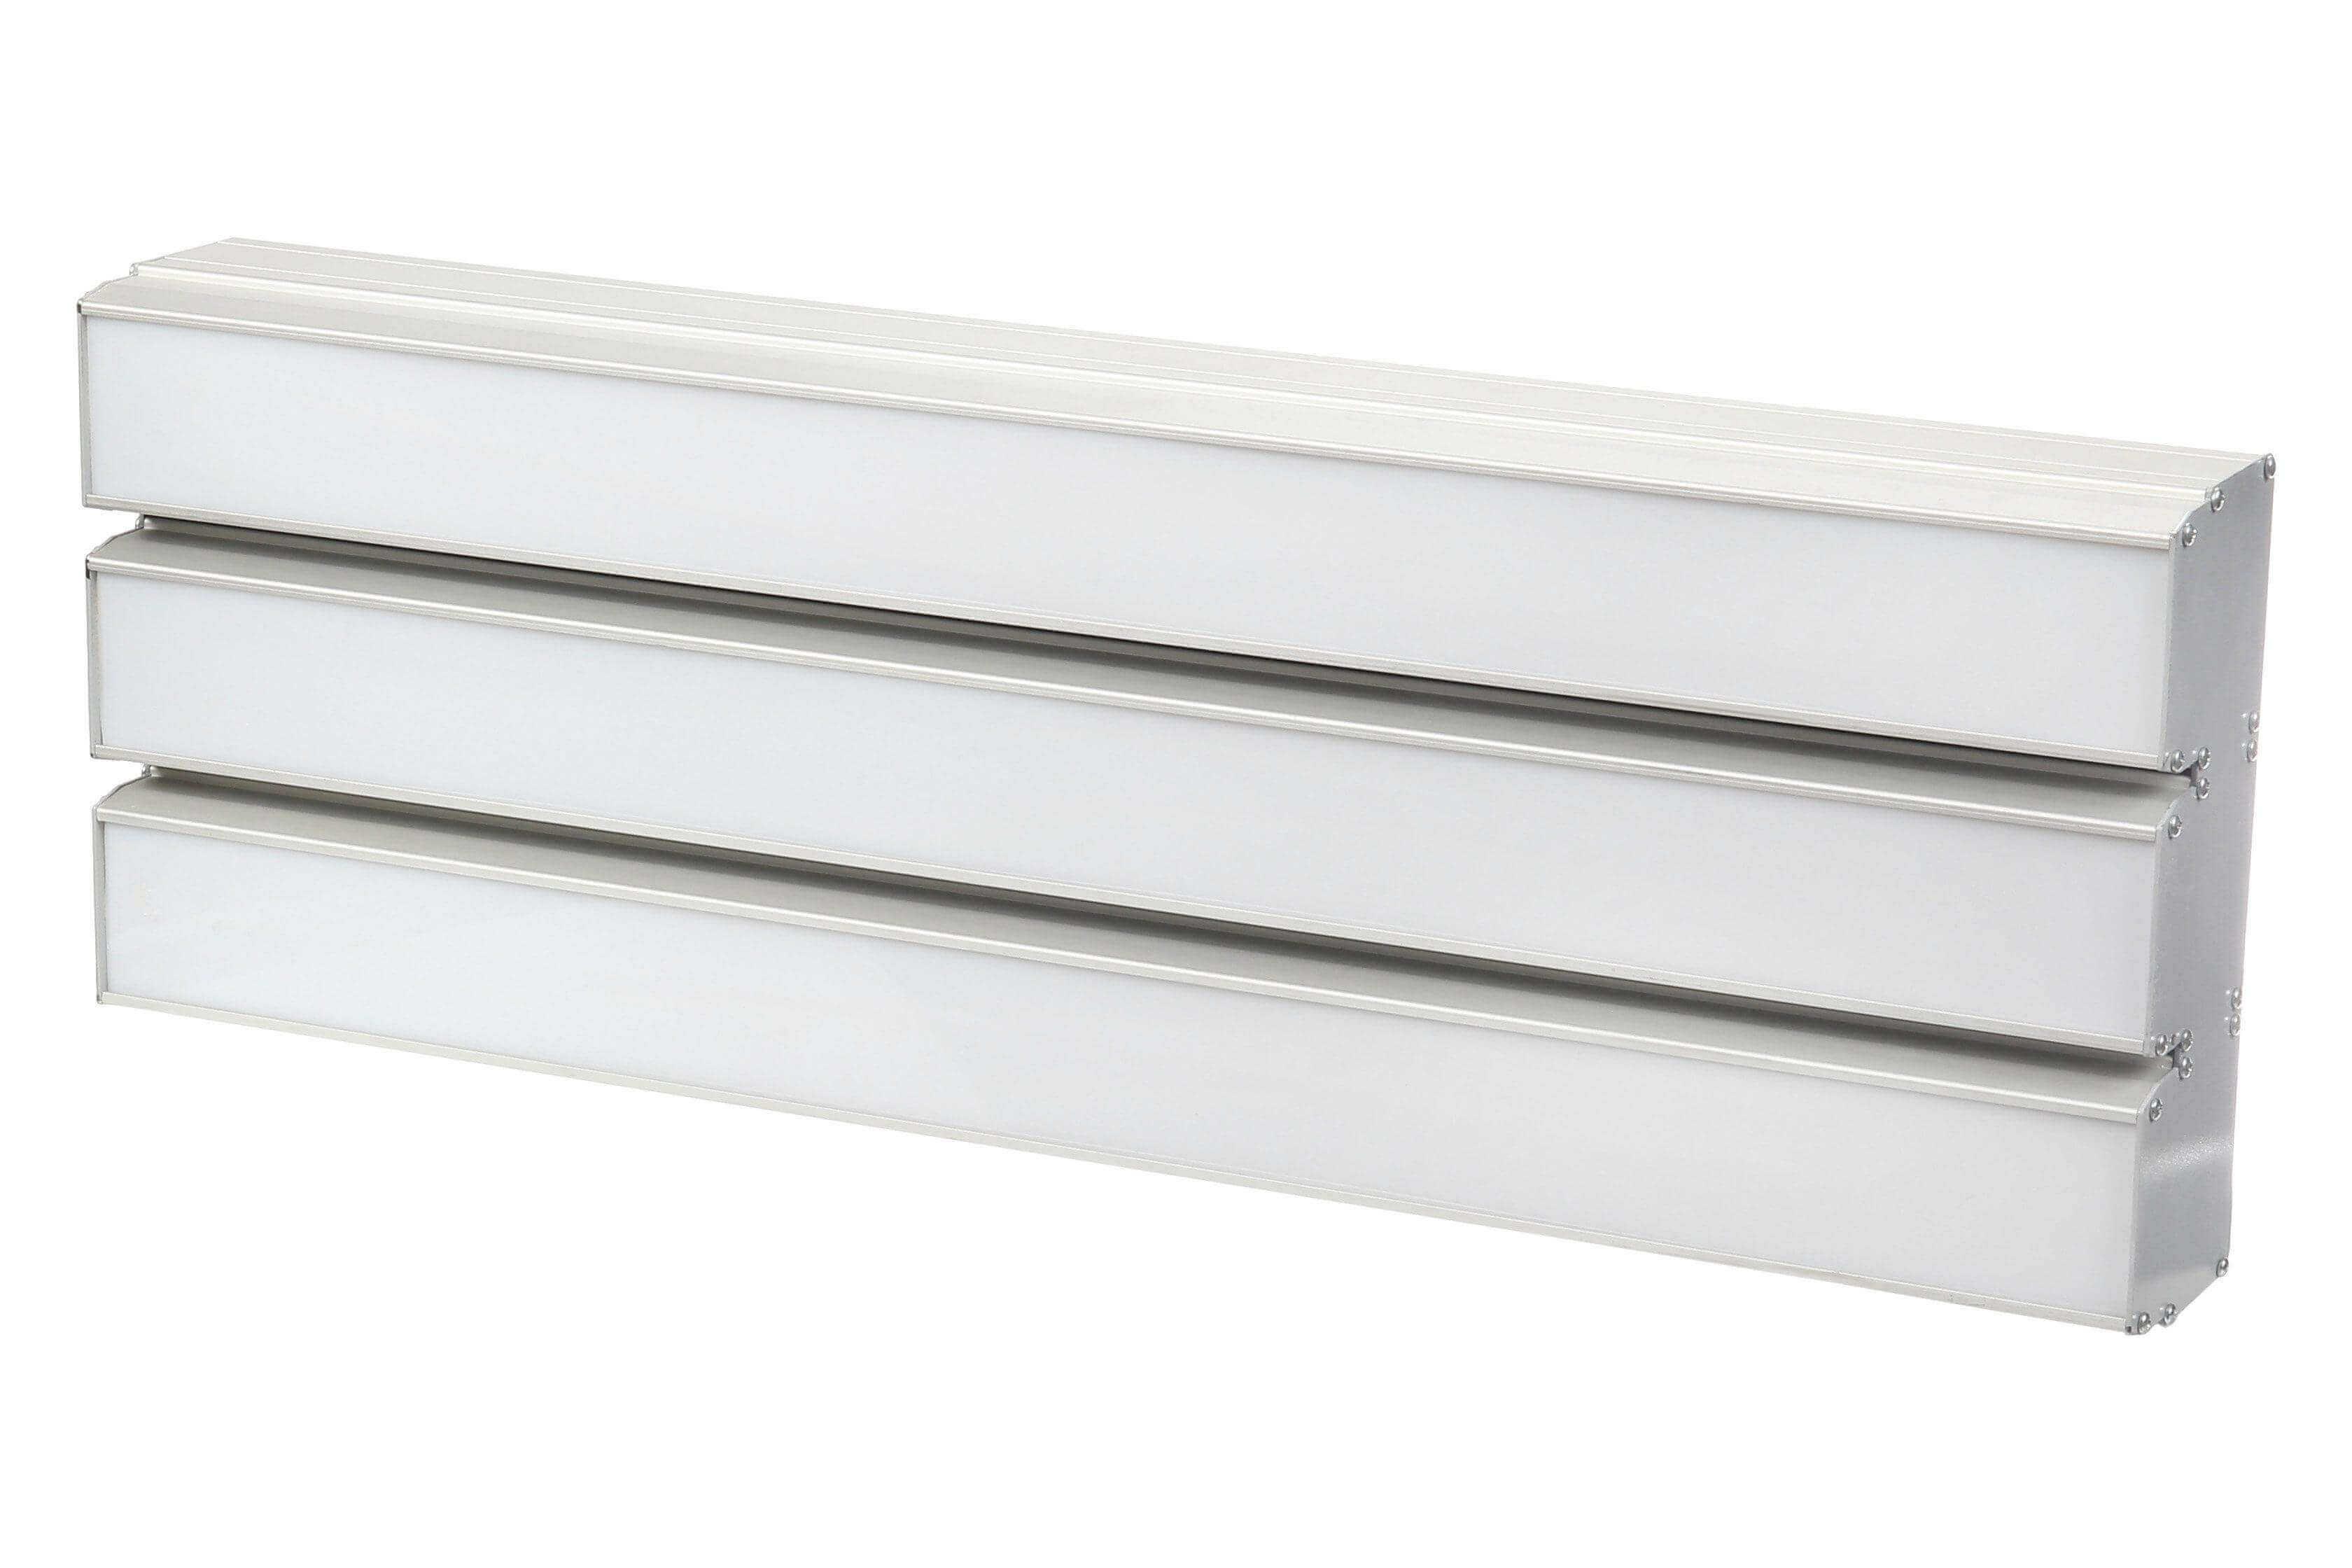 Светодиодный светильник LEDcraft LC-180-3PR2-OP-DW 180 Ватт IP20 (897 мм) Нейтральный Опал